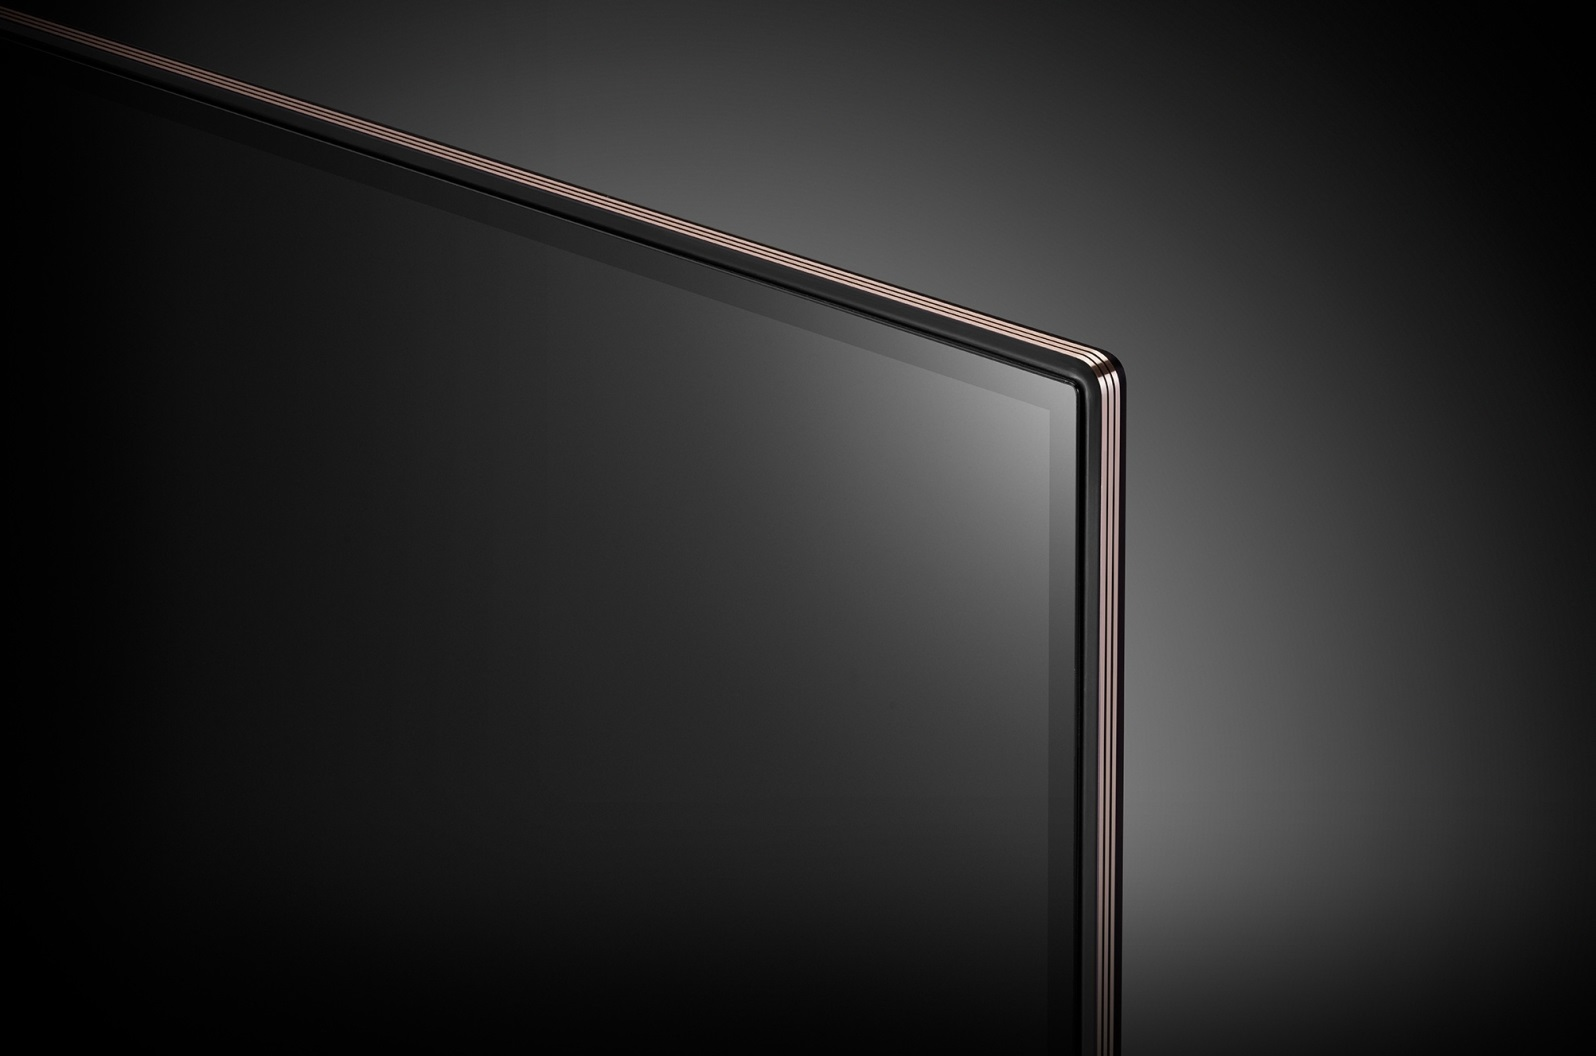 8d03edd50 Používateľské rozhranie je tradične zverené systému webOS smart TV od  spoločnosti LG a napriek tomu, že je vo verzii 4.0, napohľad zostáva z  veľkej časti ...